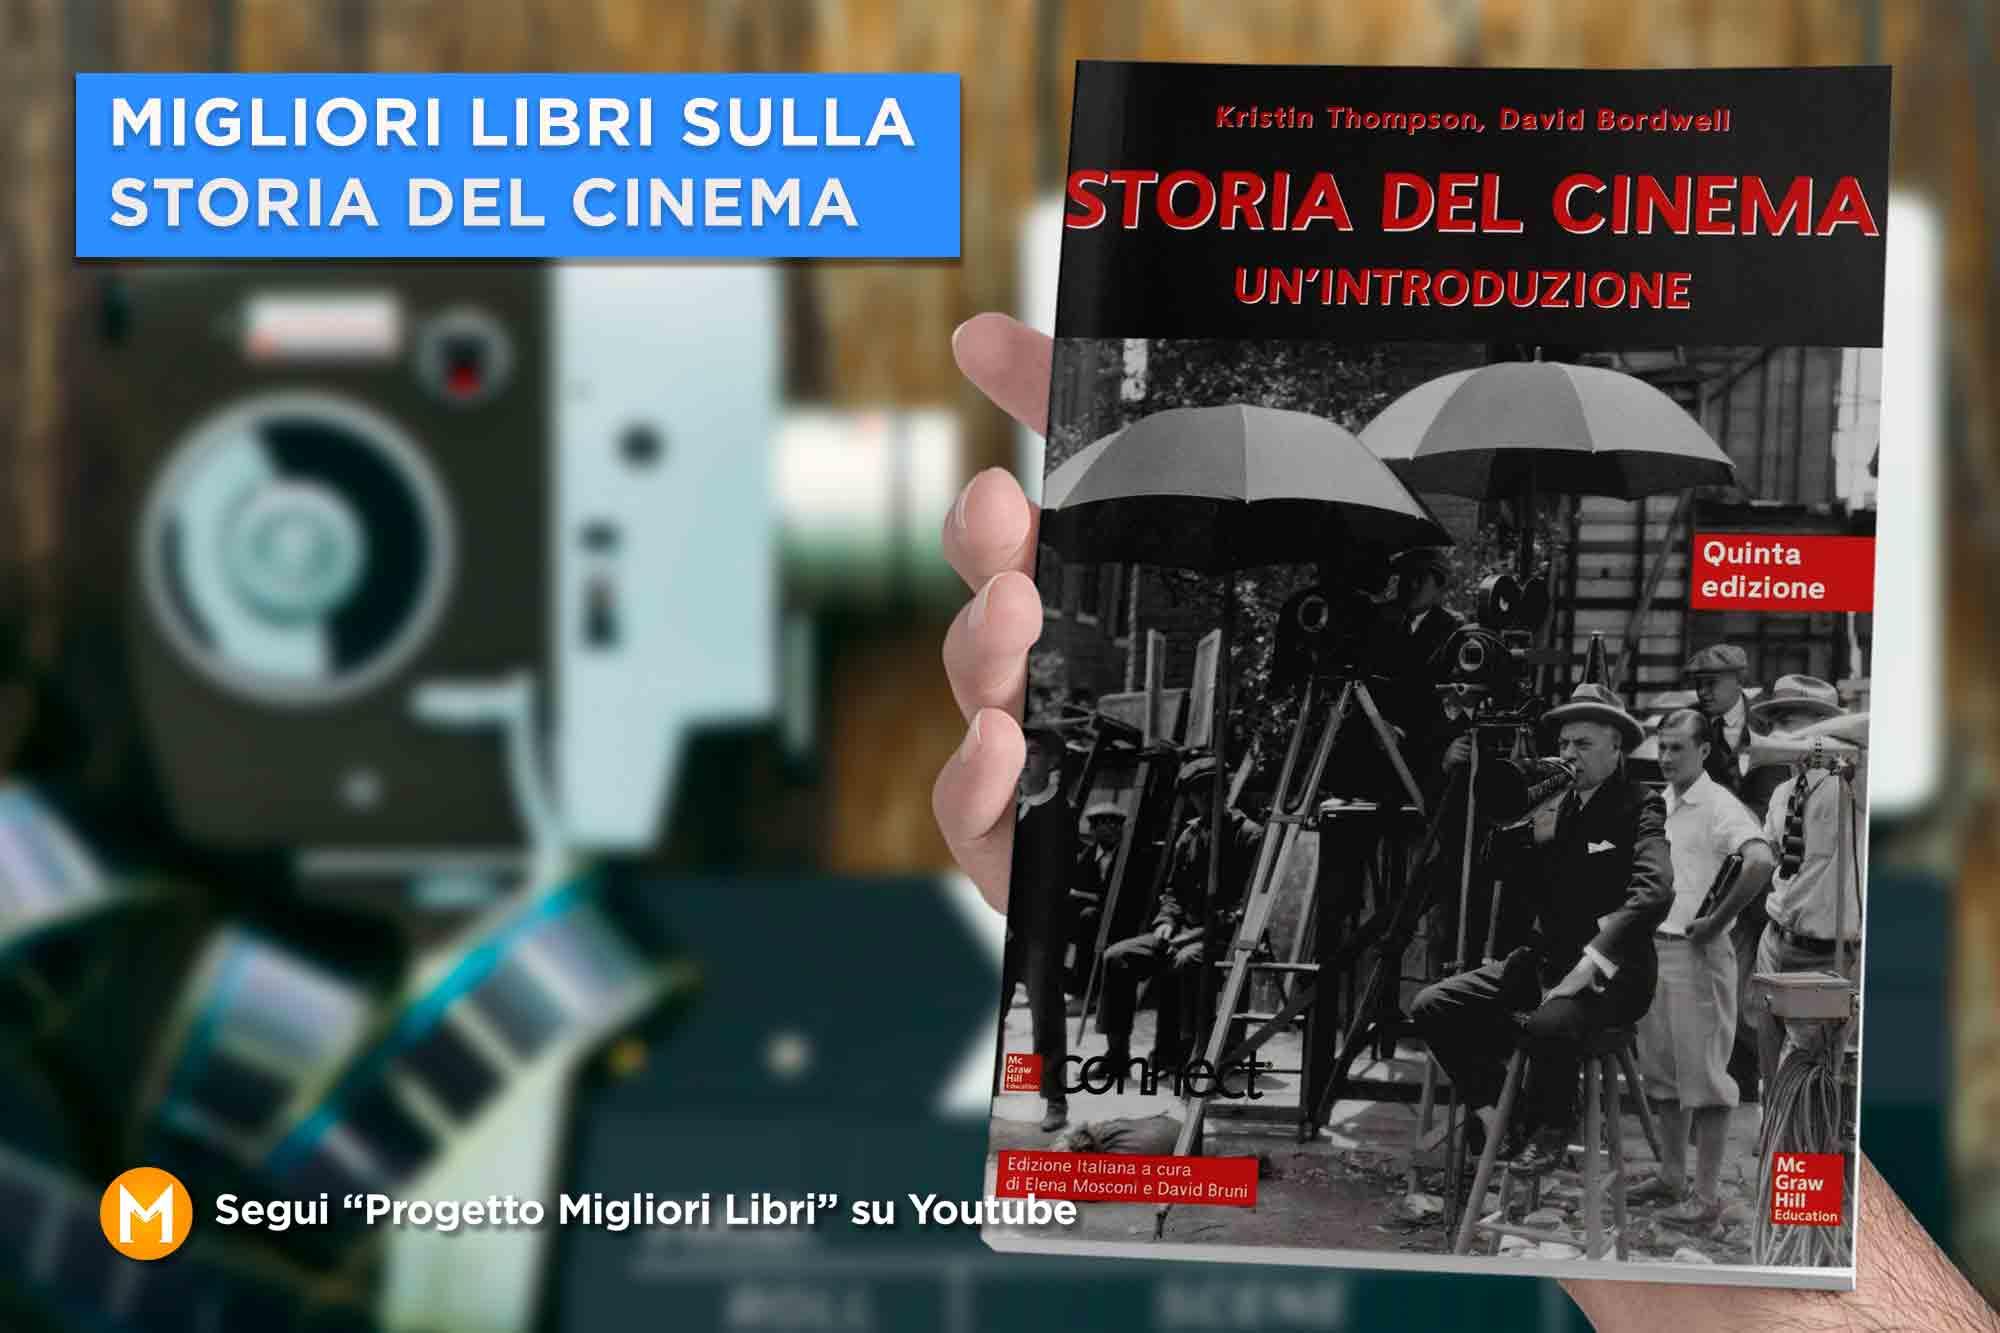 migliori-libri-sulla-storia-del-cinema